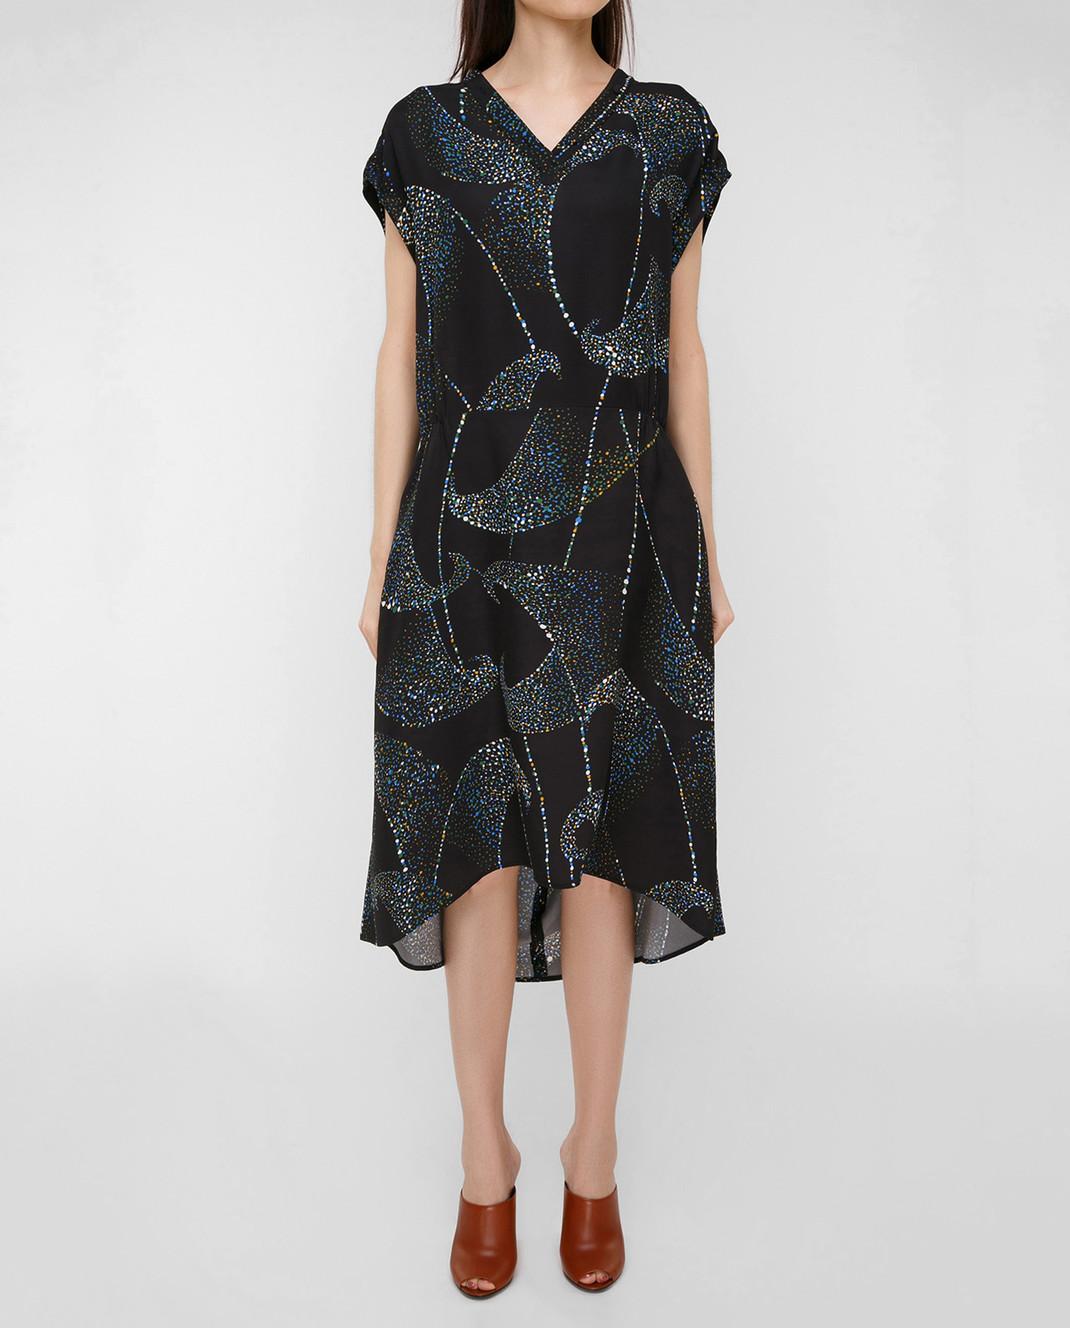 Balenciaga Черное платье 456946 изображение 3